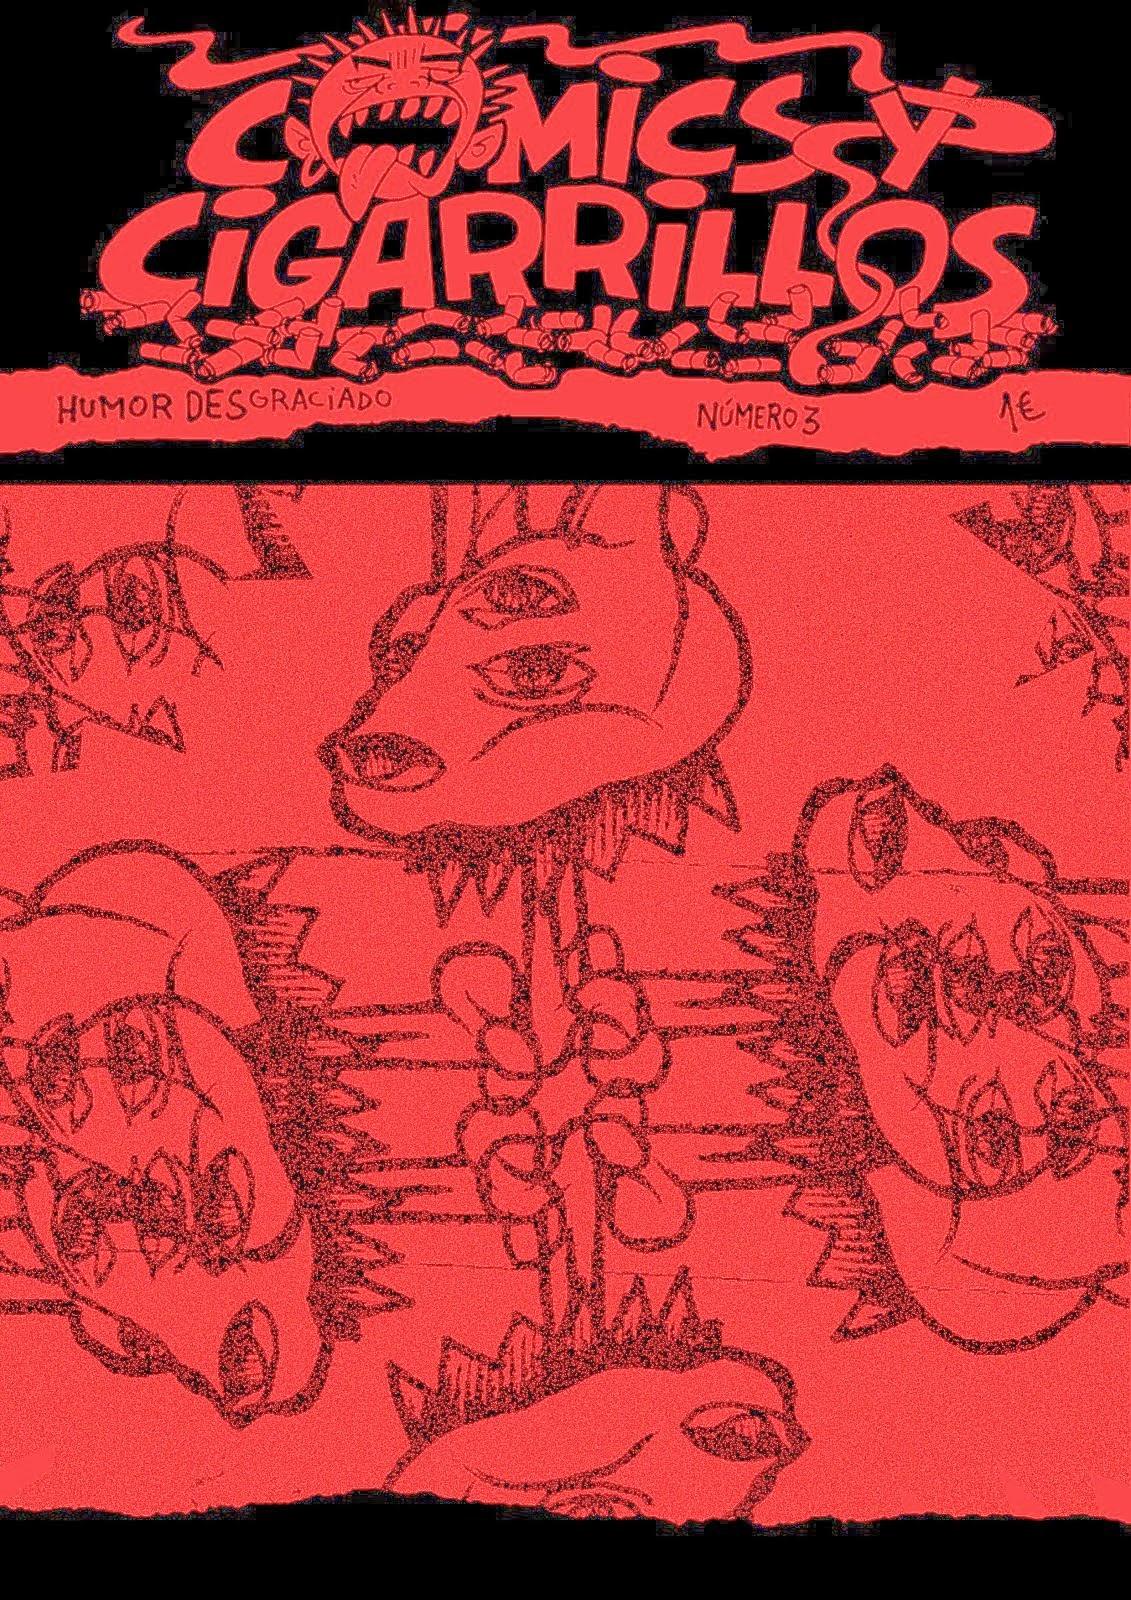 COMICS Y CIGARRILLOS #3